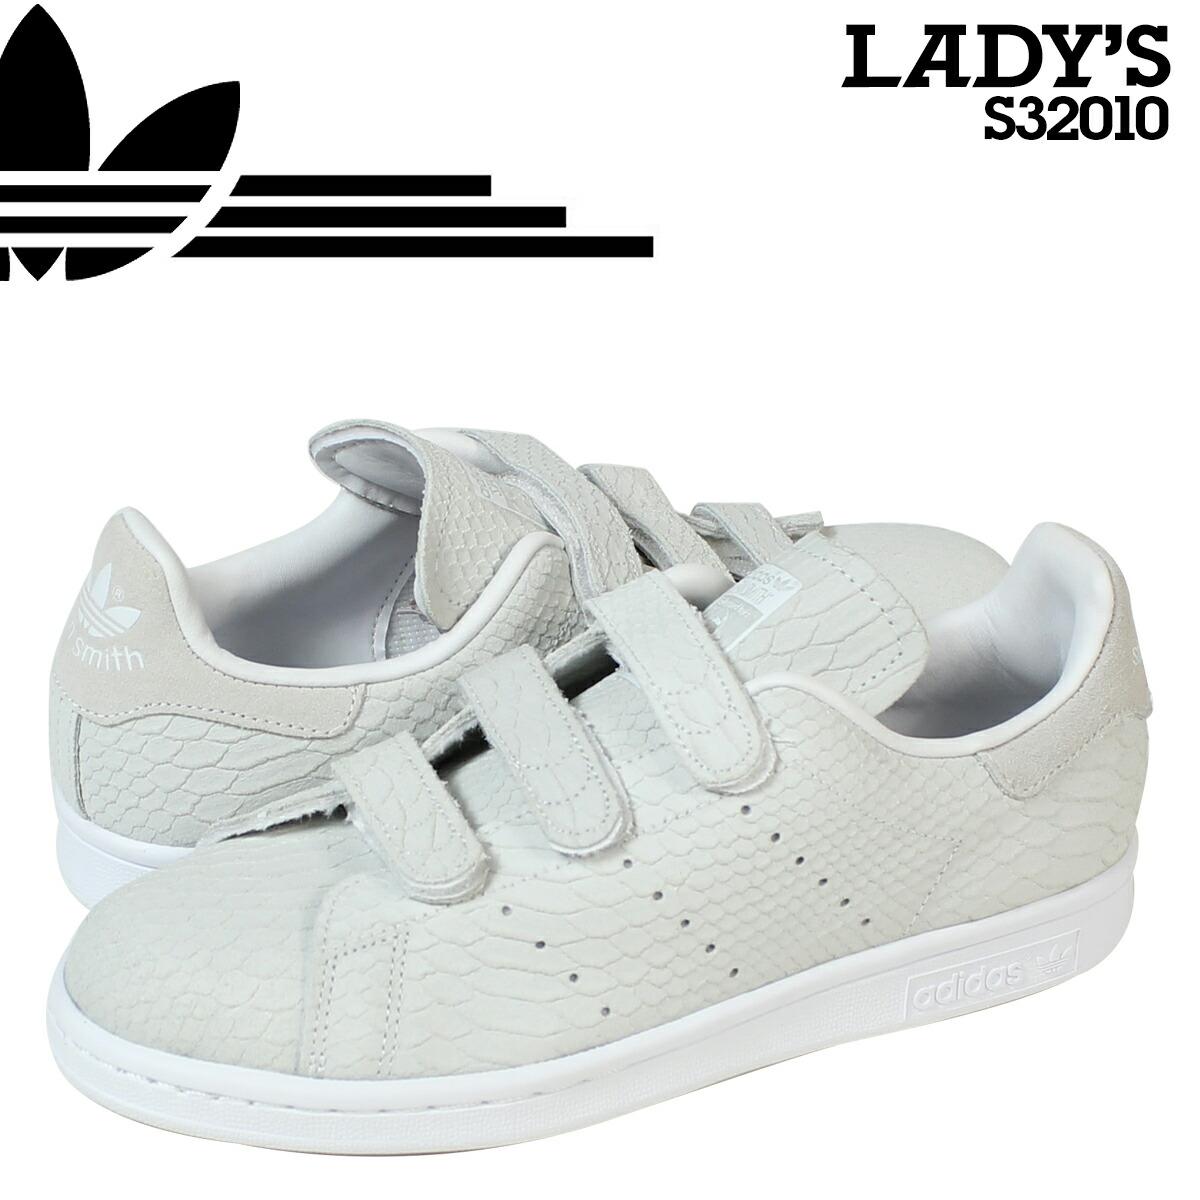 Adidas Stan Smith Cf Velcro aoriginal.co.uk